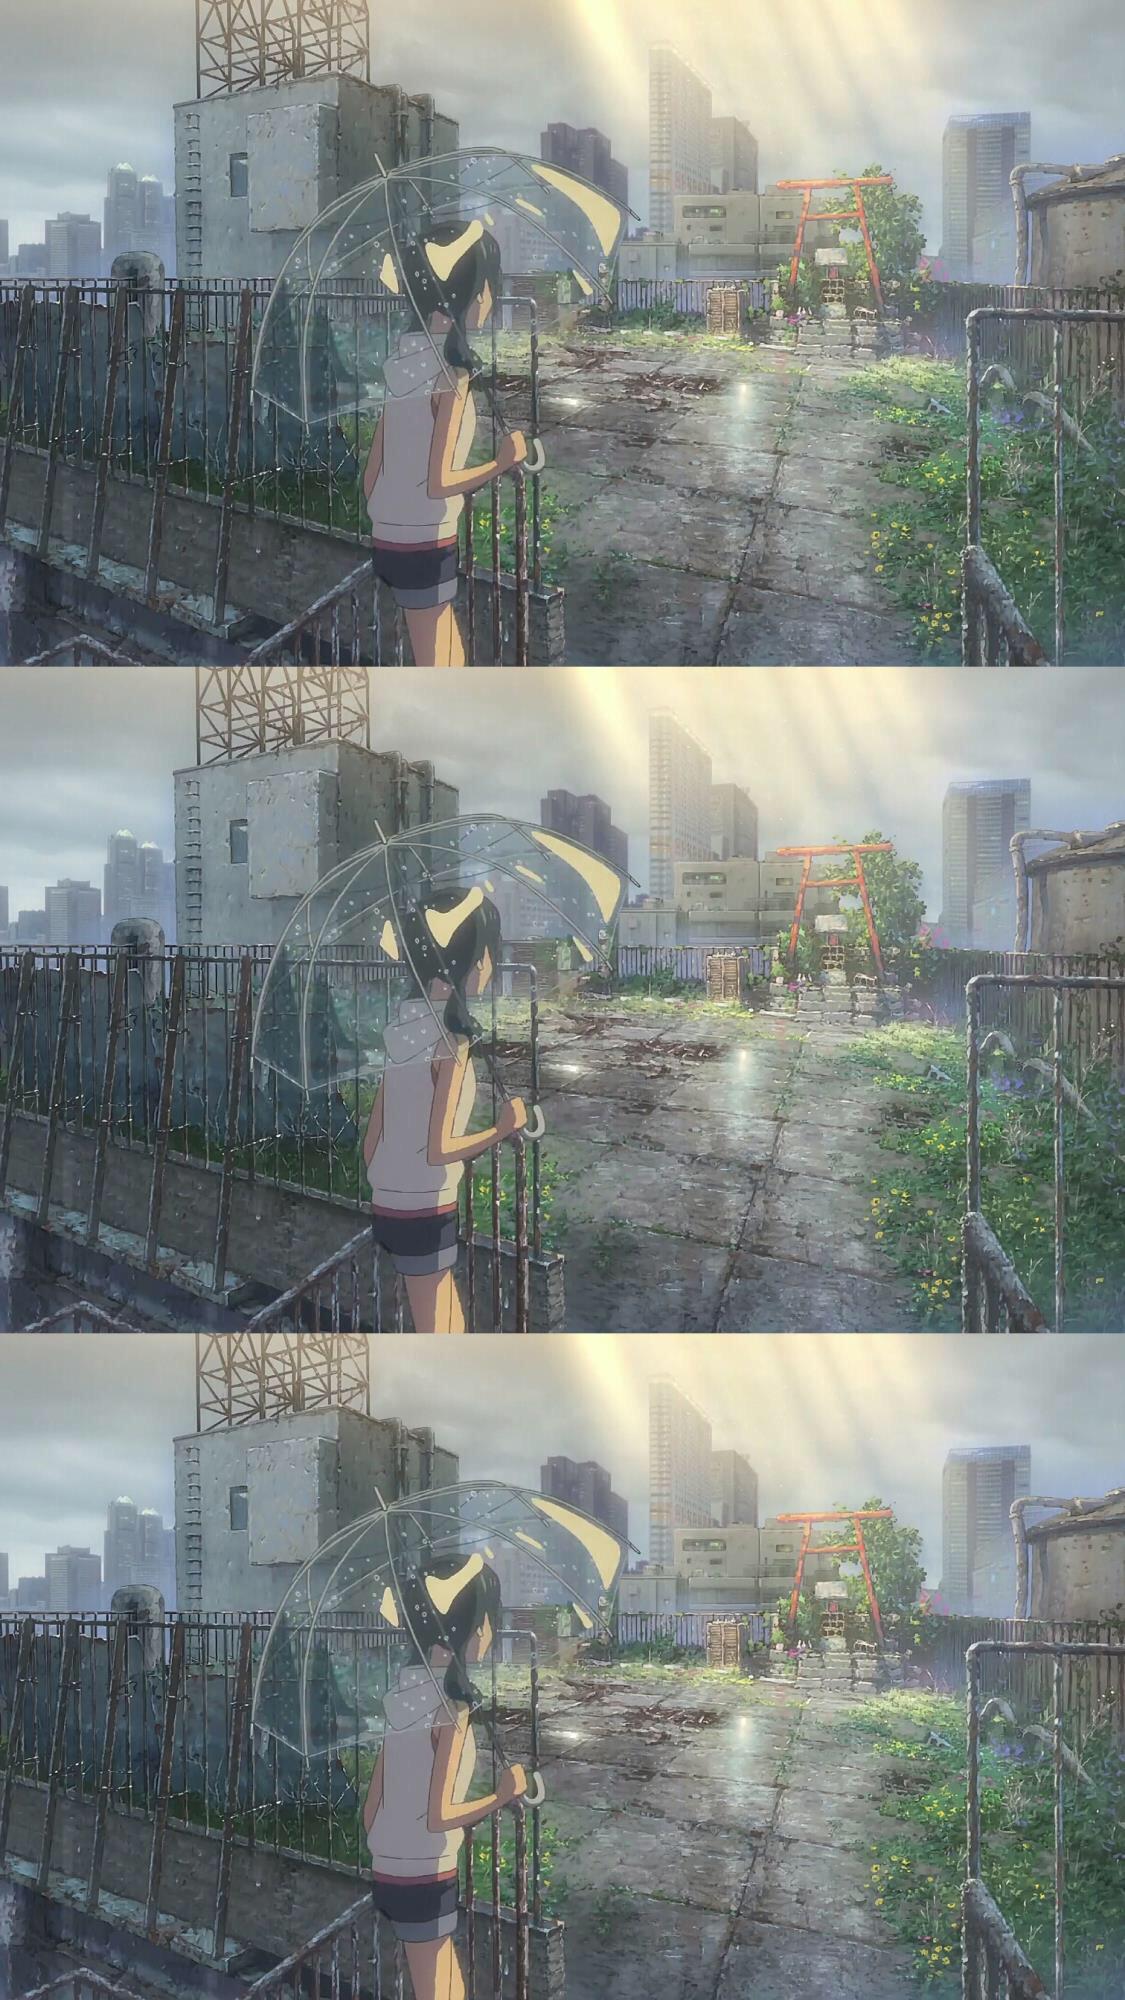 小故事_有没有天气之子的壁纸? - 知乎